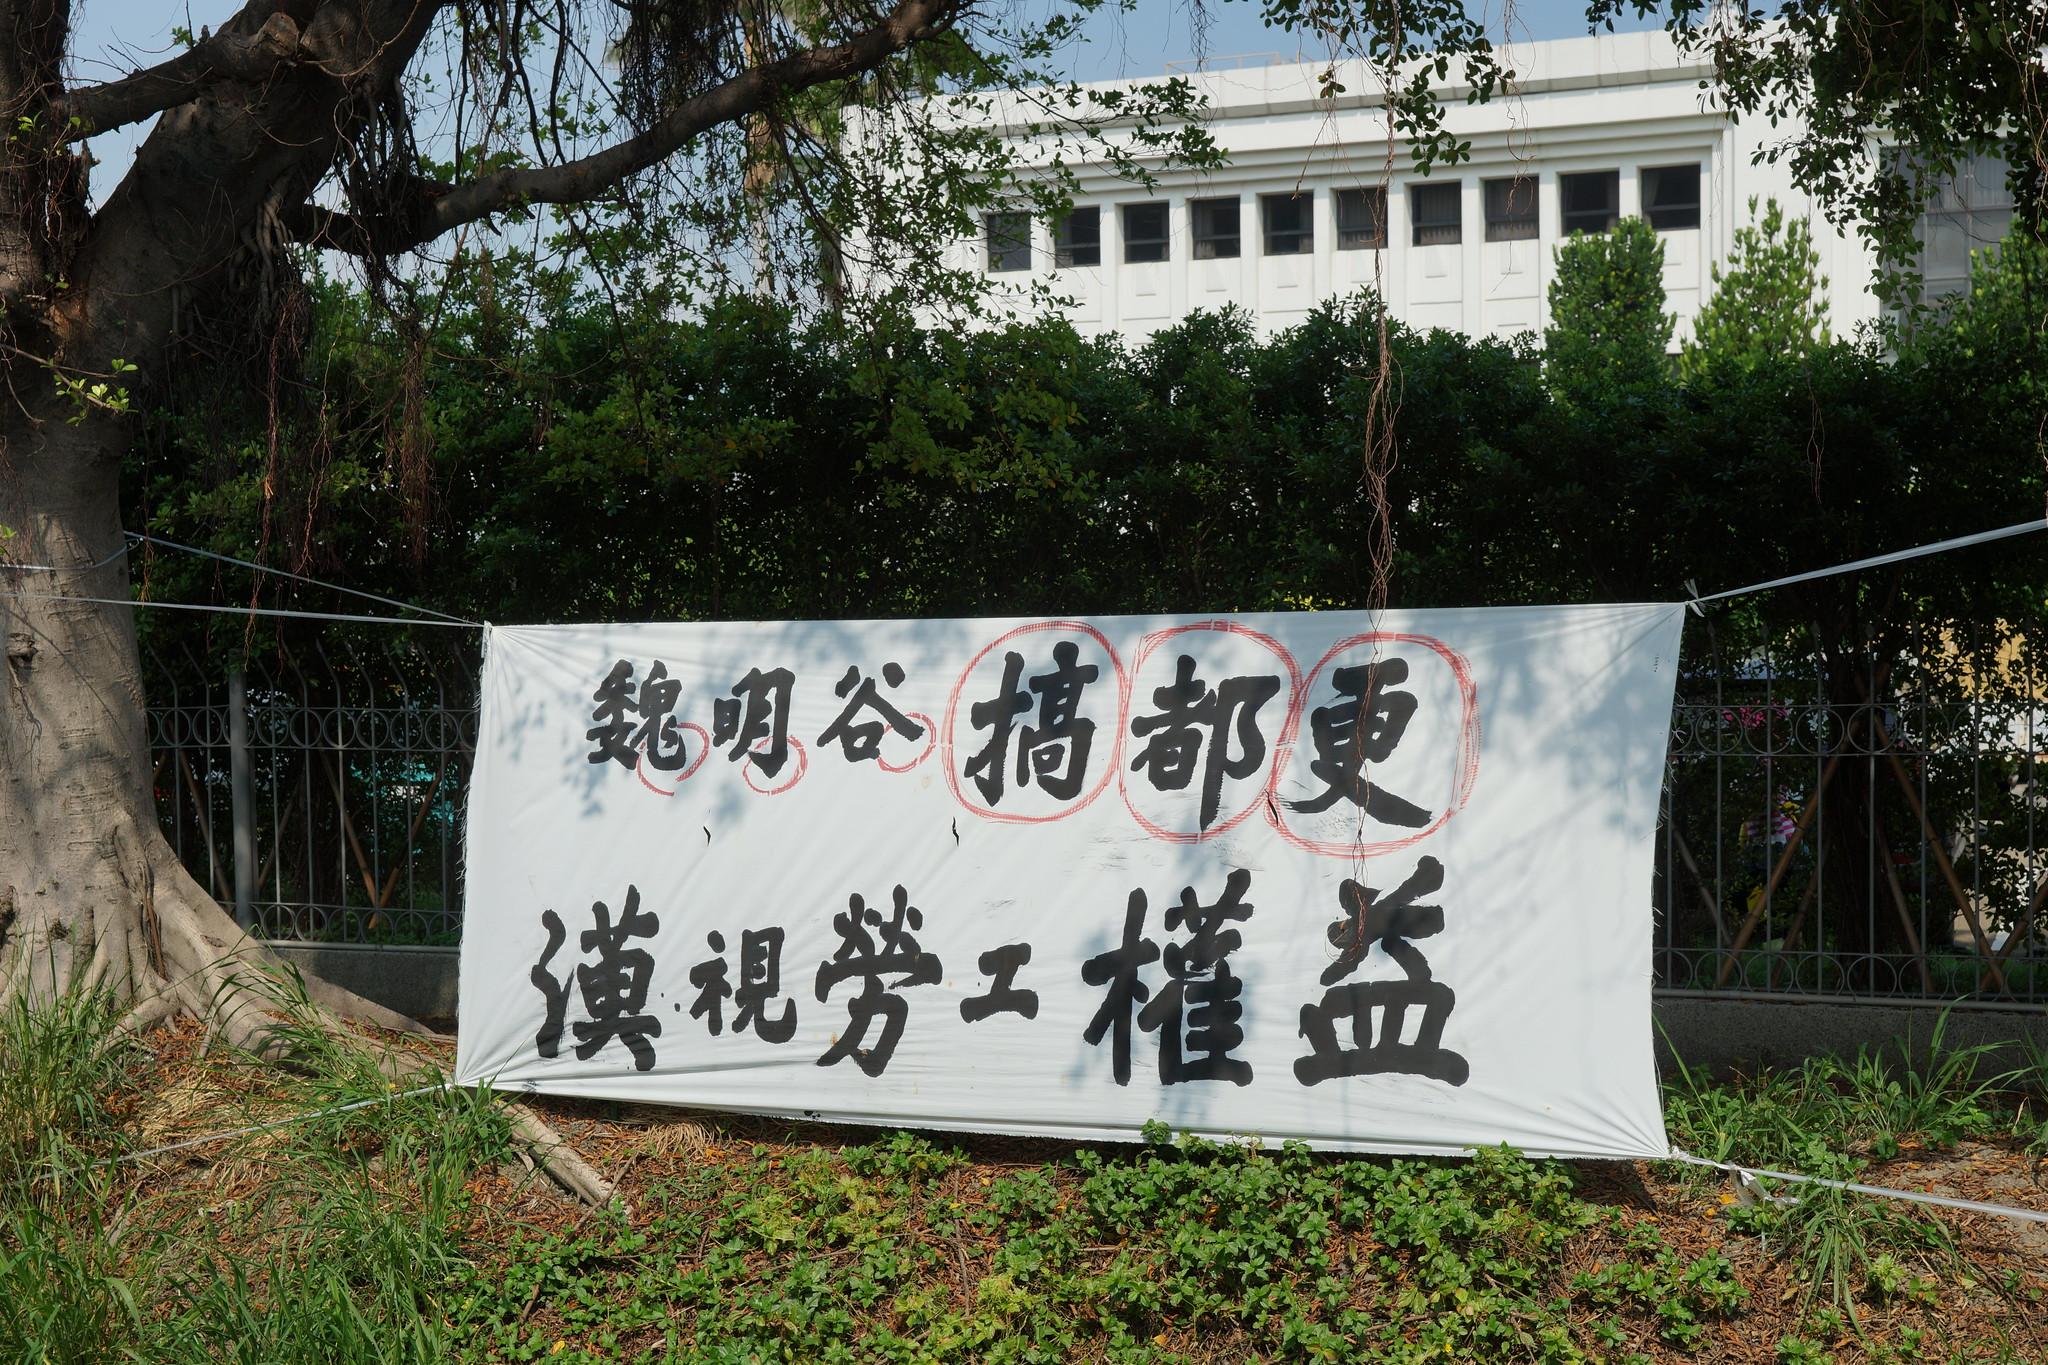 都更與土地利益成為工會批判魏明谷的主要焦點。(攝影:王顥中)